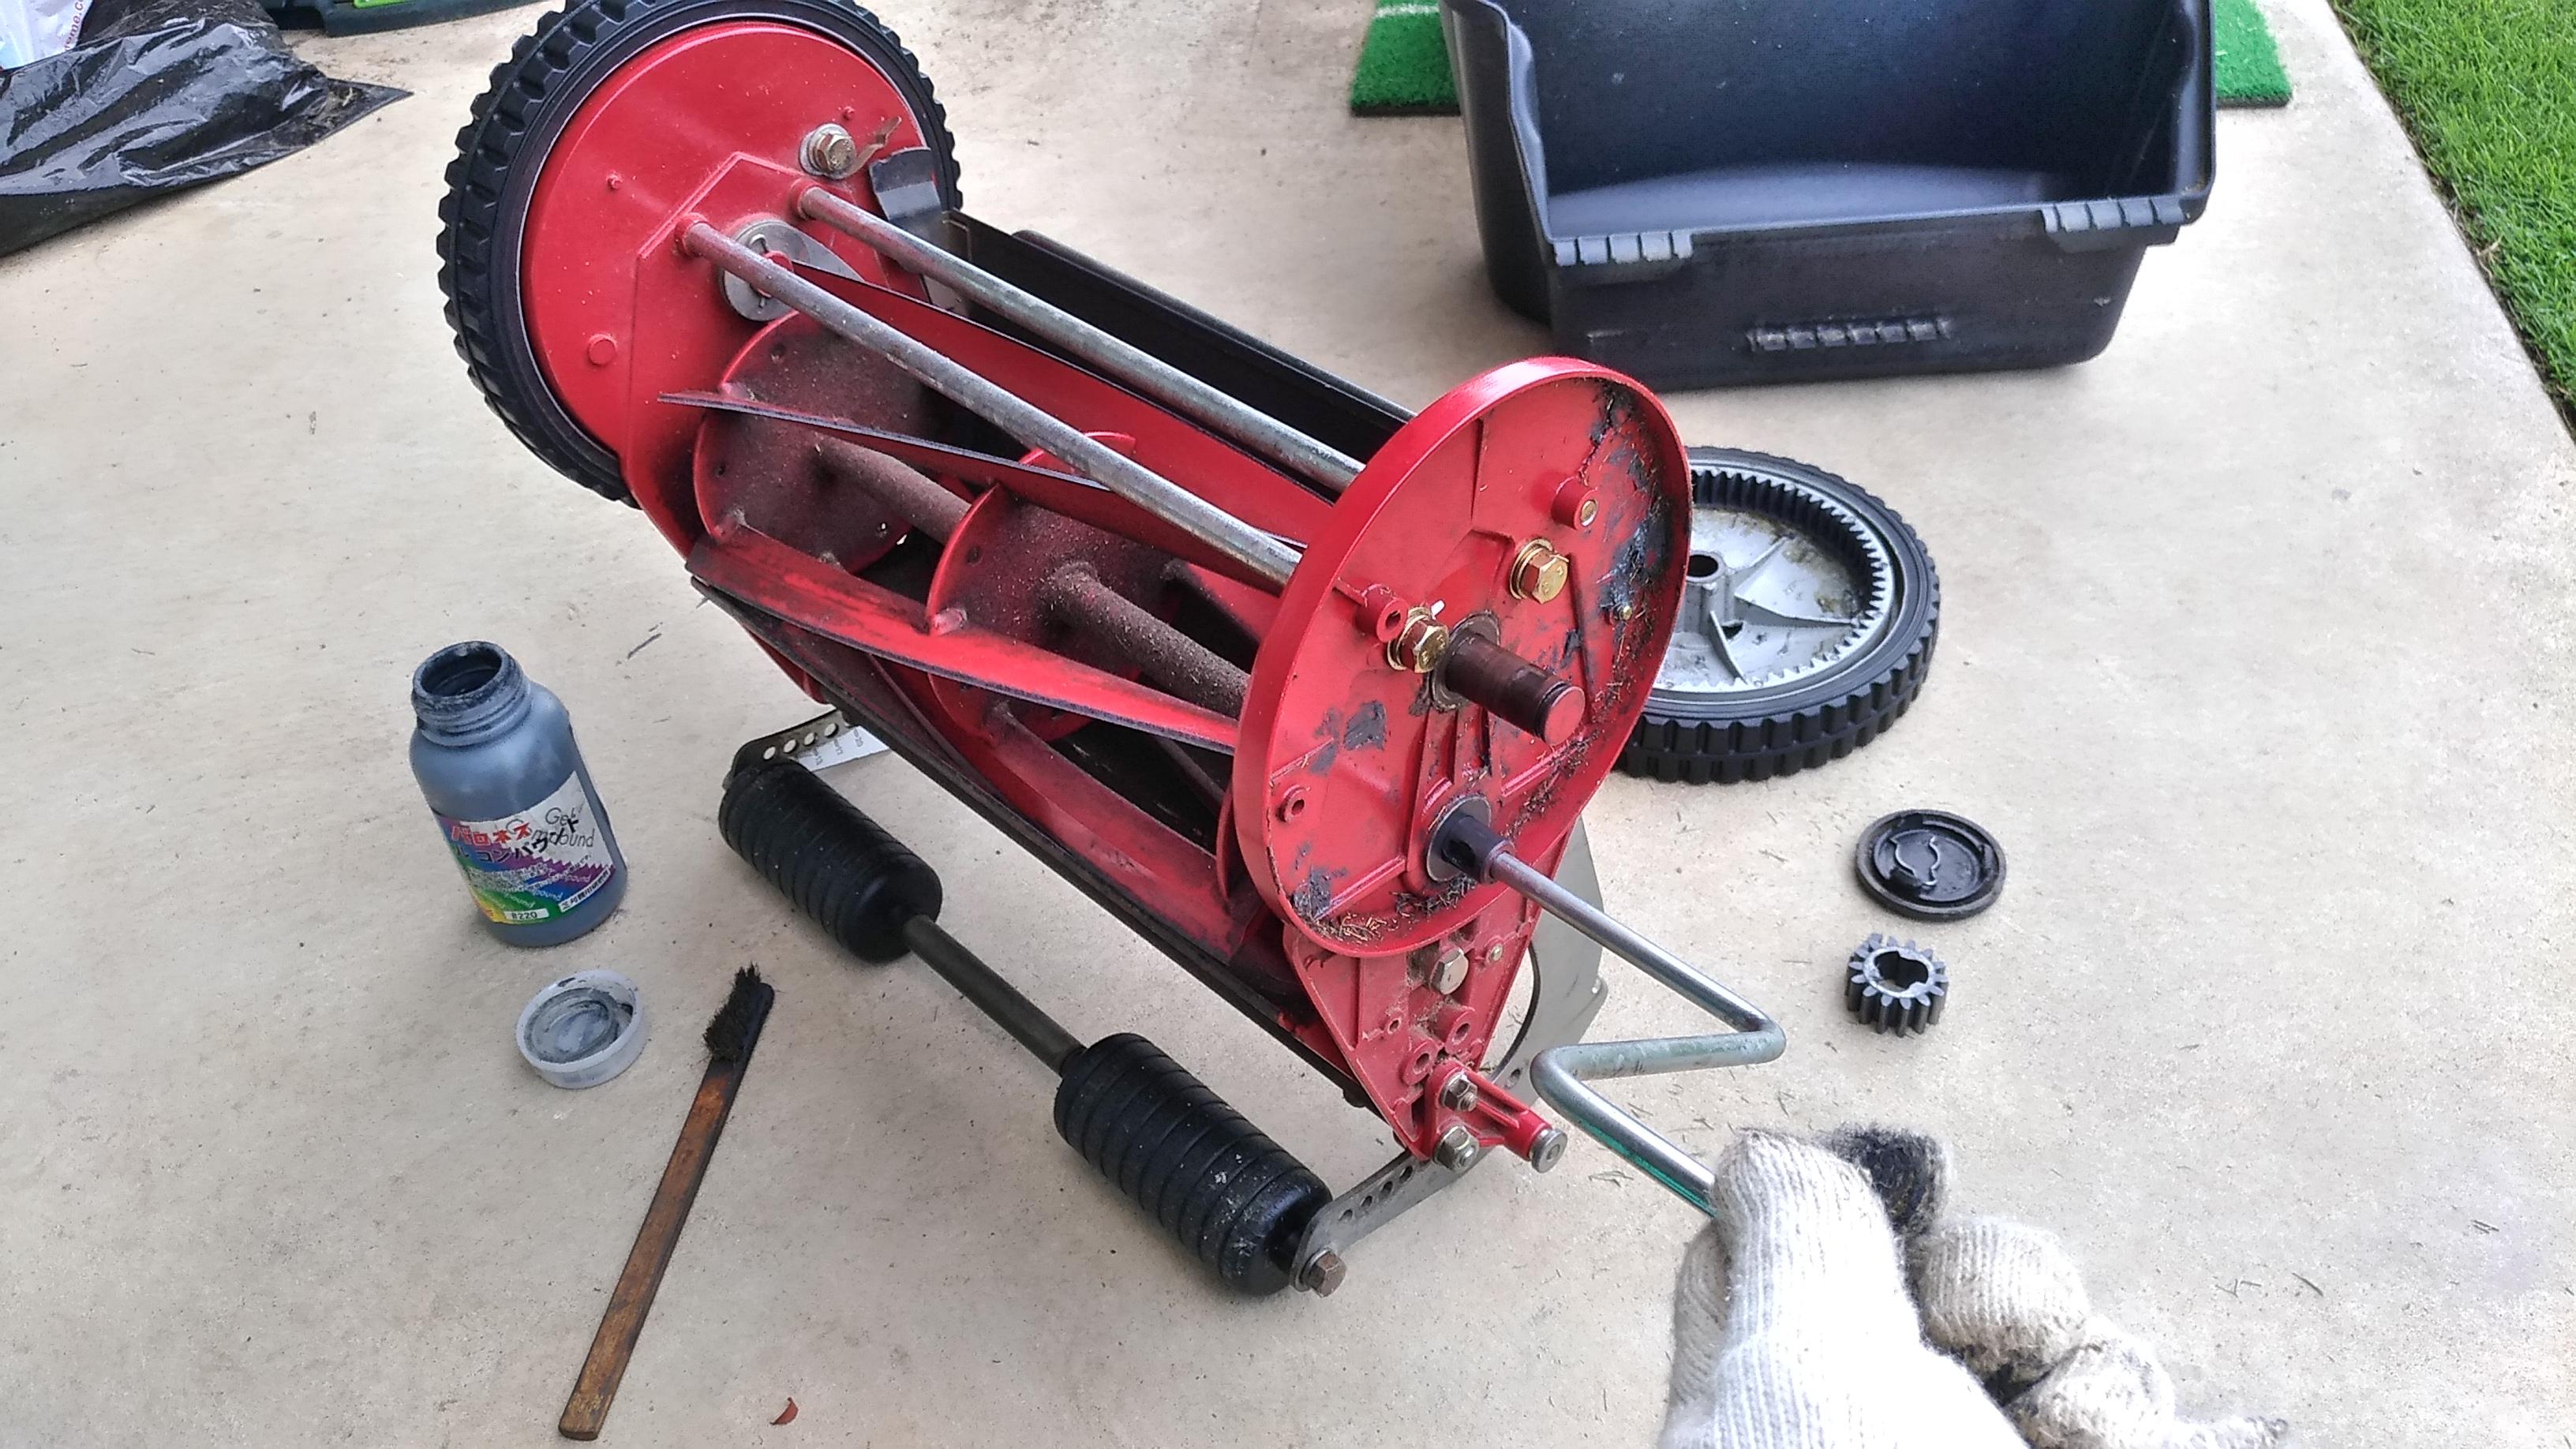 芝刈り機の簡易研磨の方法【バロネスLM4D】😄✨